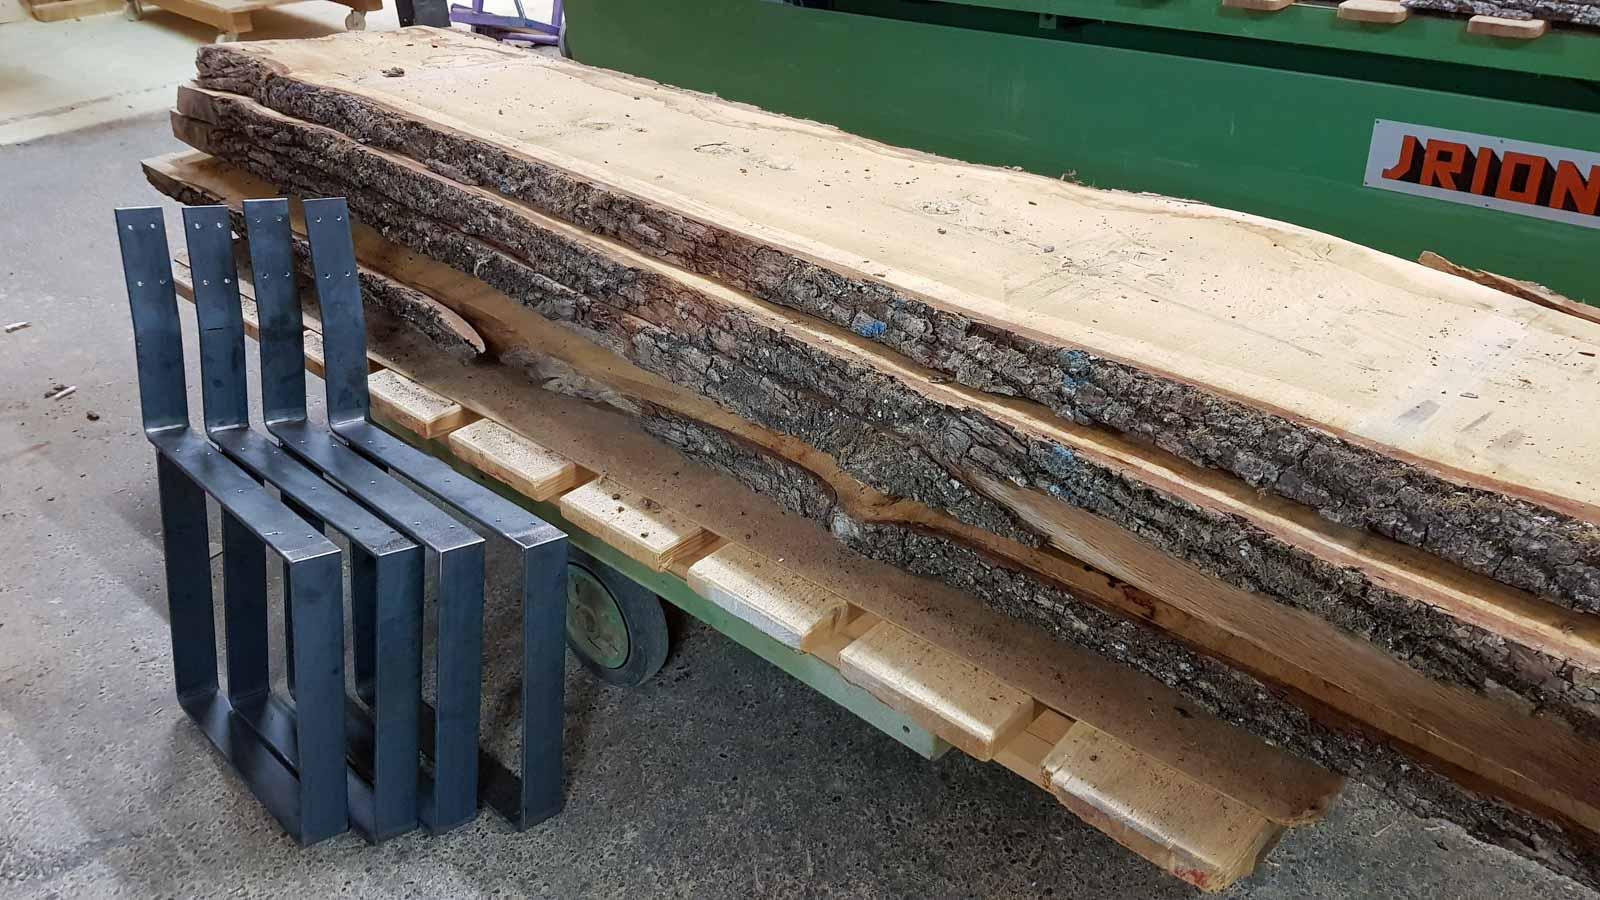 Wooddesign_Tisch_Sitsbank mit Polster_Eische massiv_Beine innen_Schwarzstahl (15)